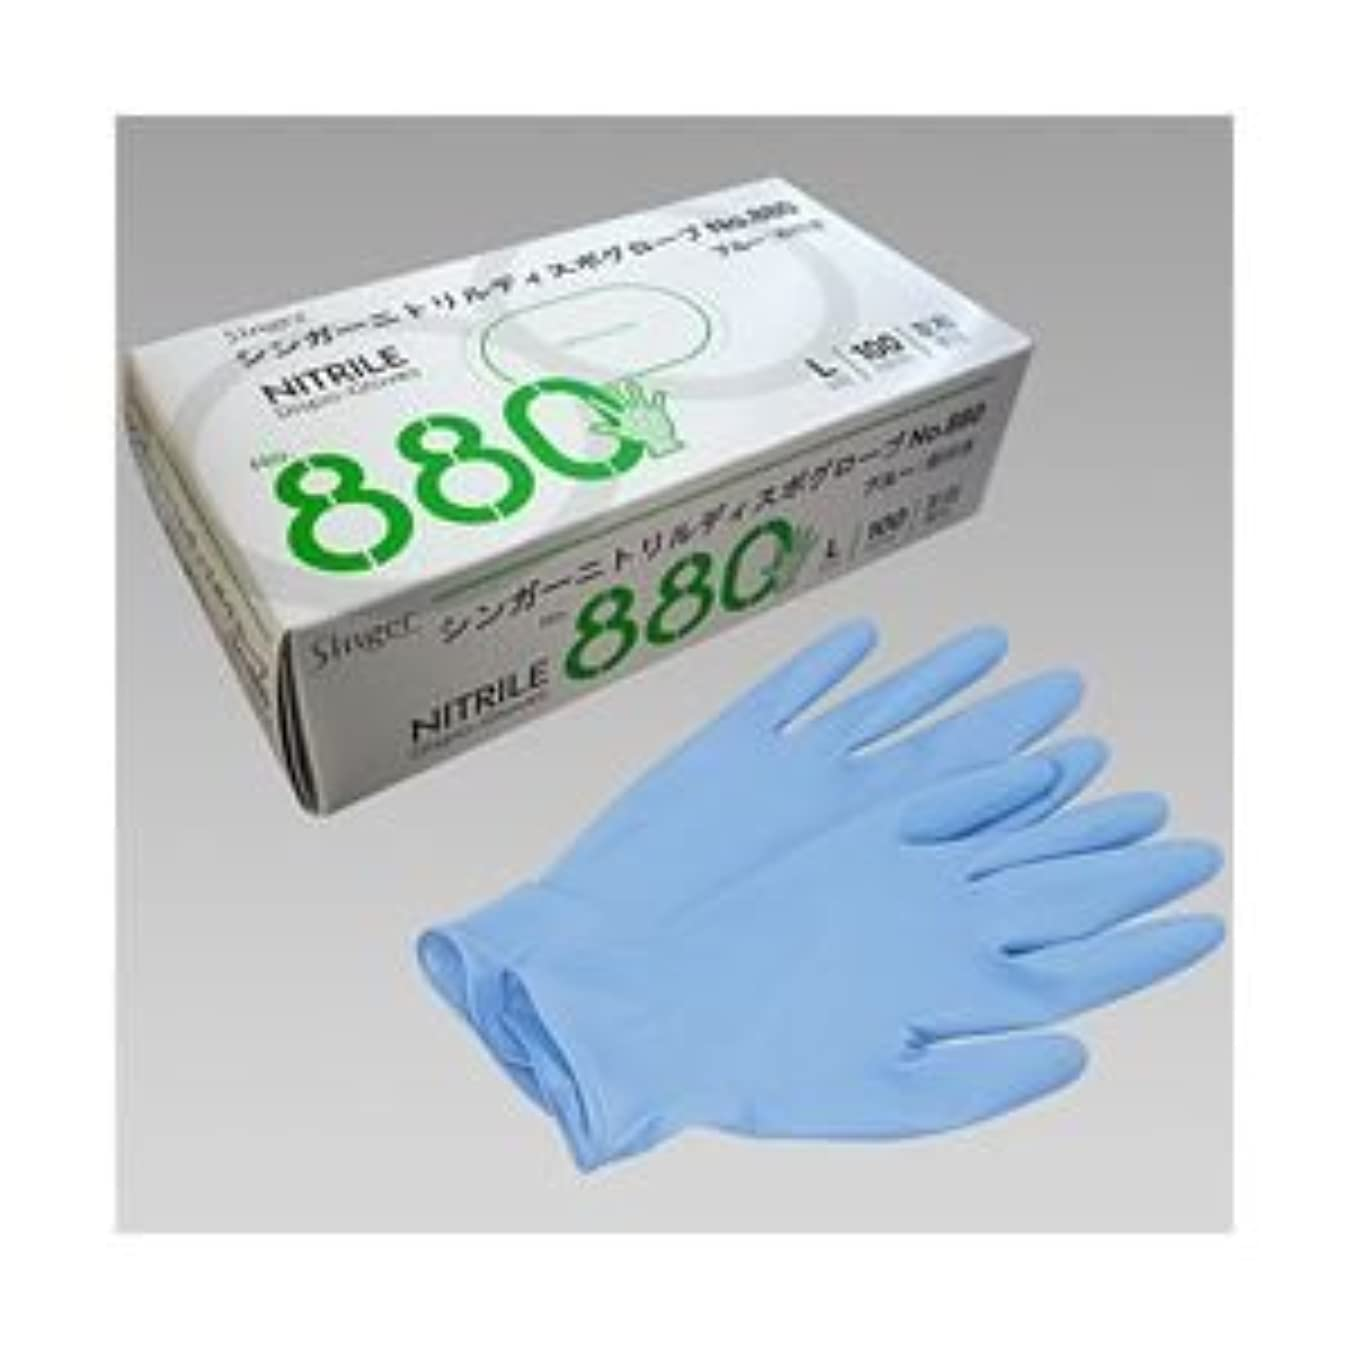 コーチ米ドル編集する(業務用セット) ニトリル手袋 粉付き ブルー L 1箱(100枚) 【×5セット】